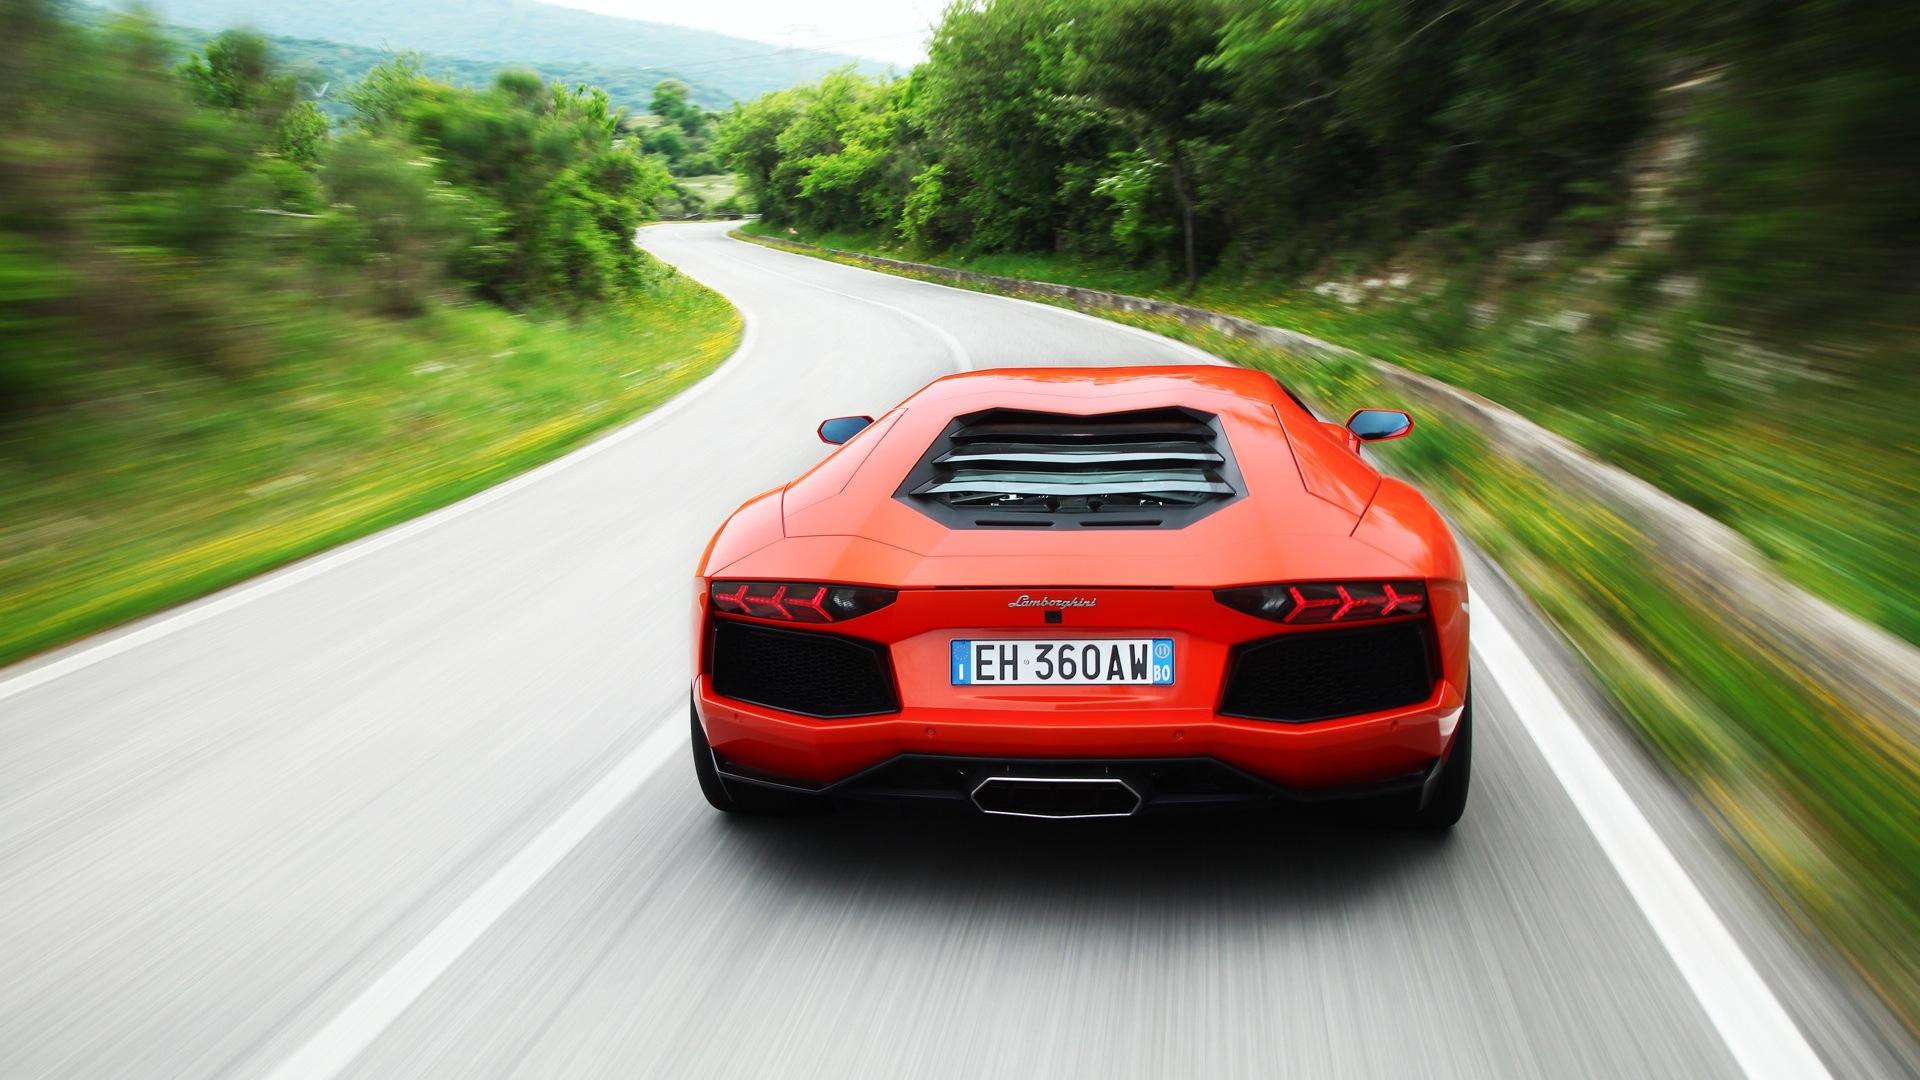 Lamborghini  Aventador-2013-LP-700-4 Exterior